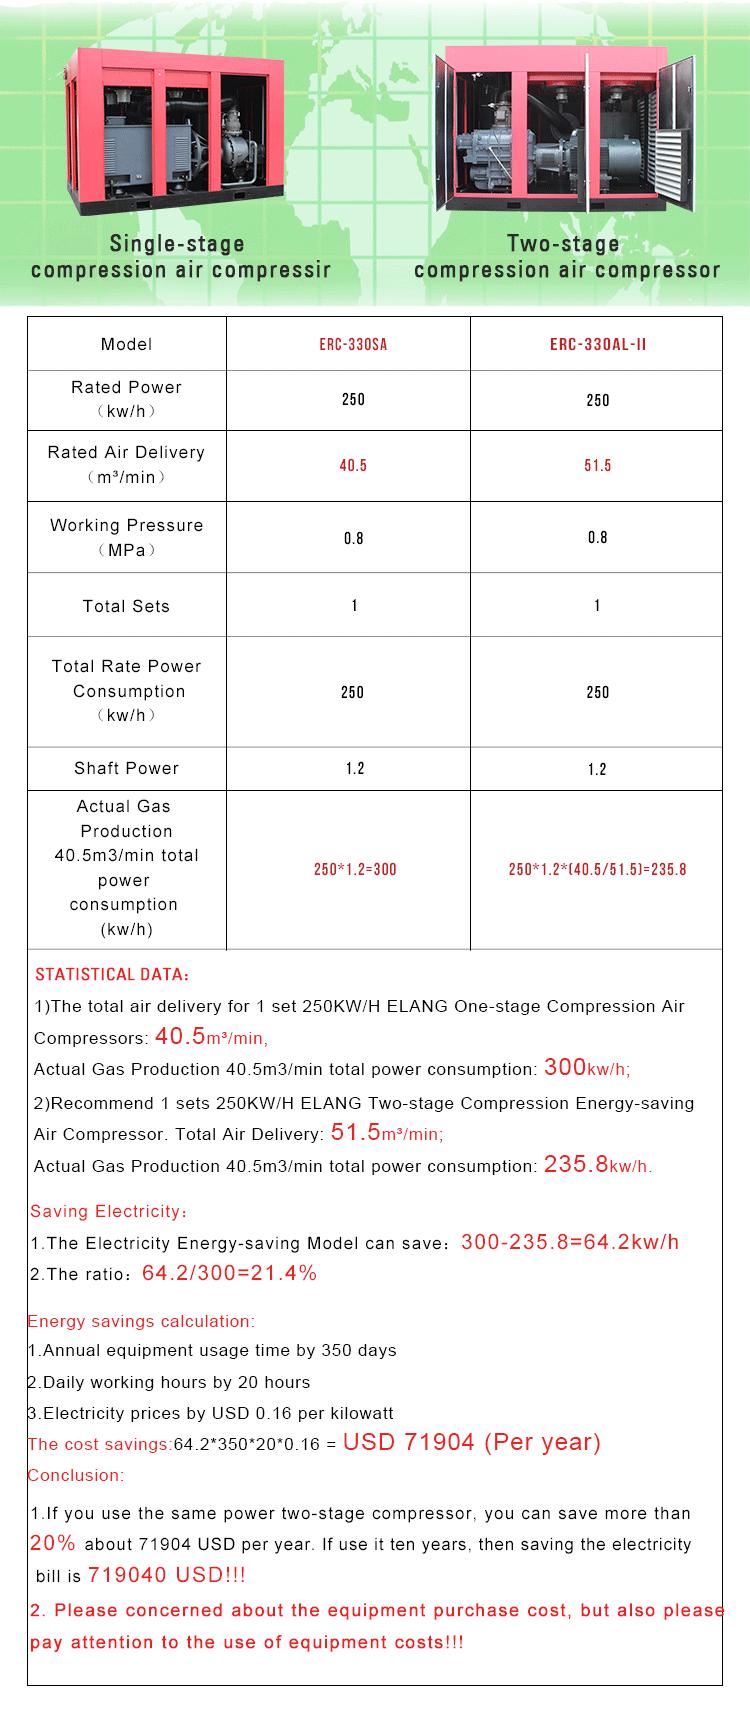 Comparerilisez ces compresseurs d'air à perdre beaucoup d'électricité chaque année